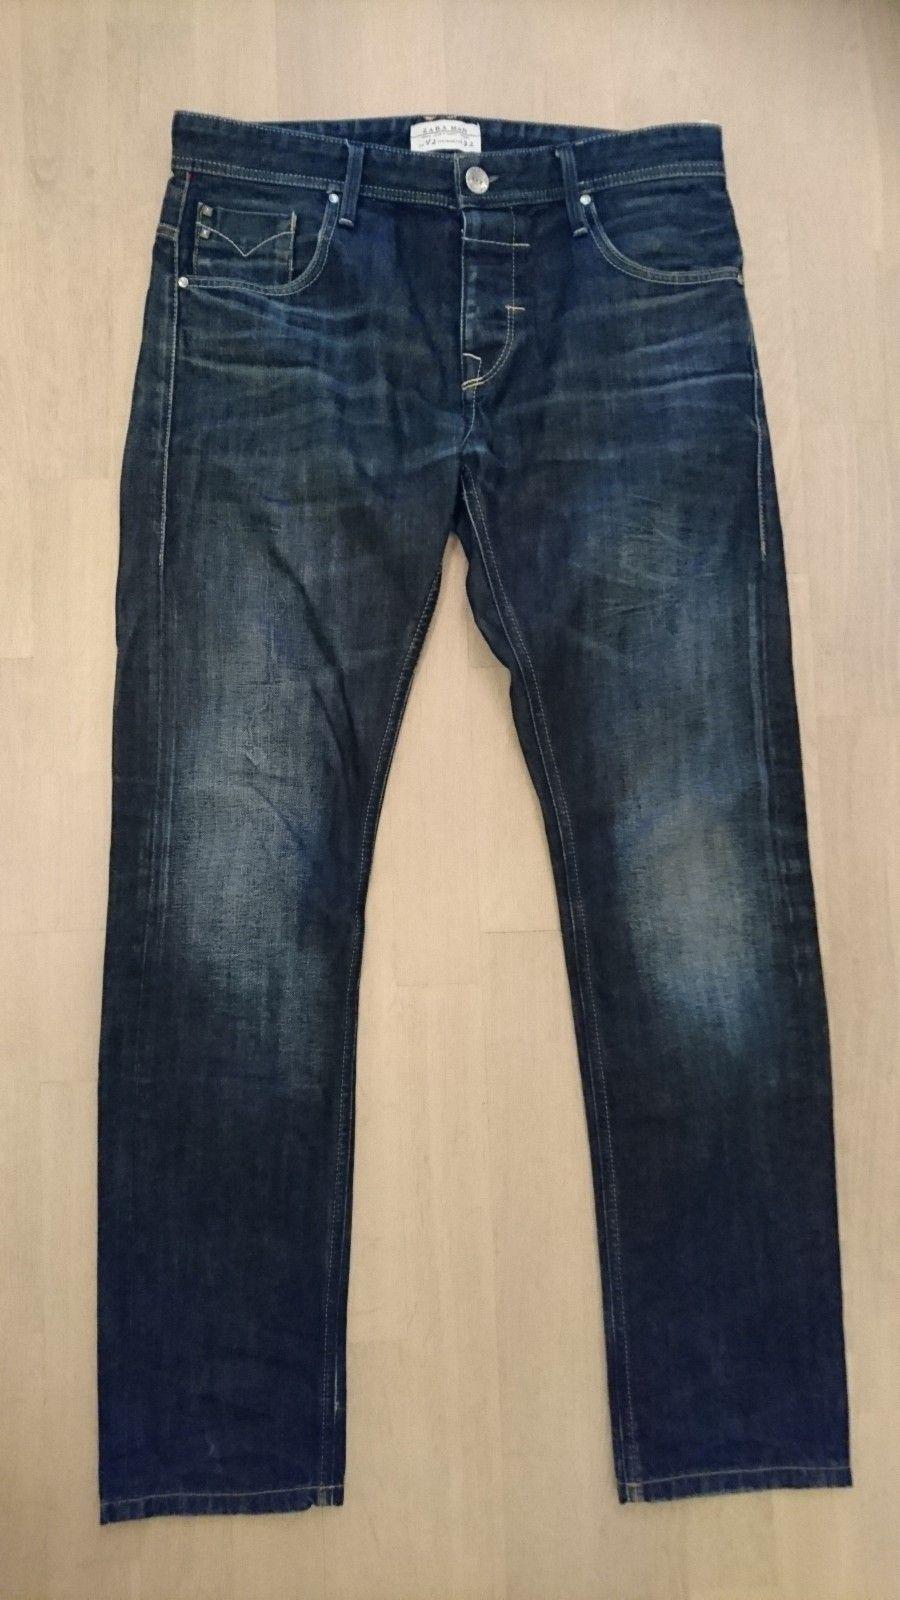 Jeans fra Zara - Paradis  - Jeans fra Zara, pent brukt, i størrelse 32 selges. - Paradis